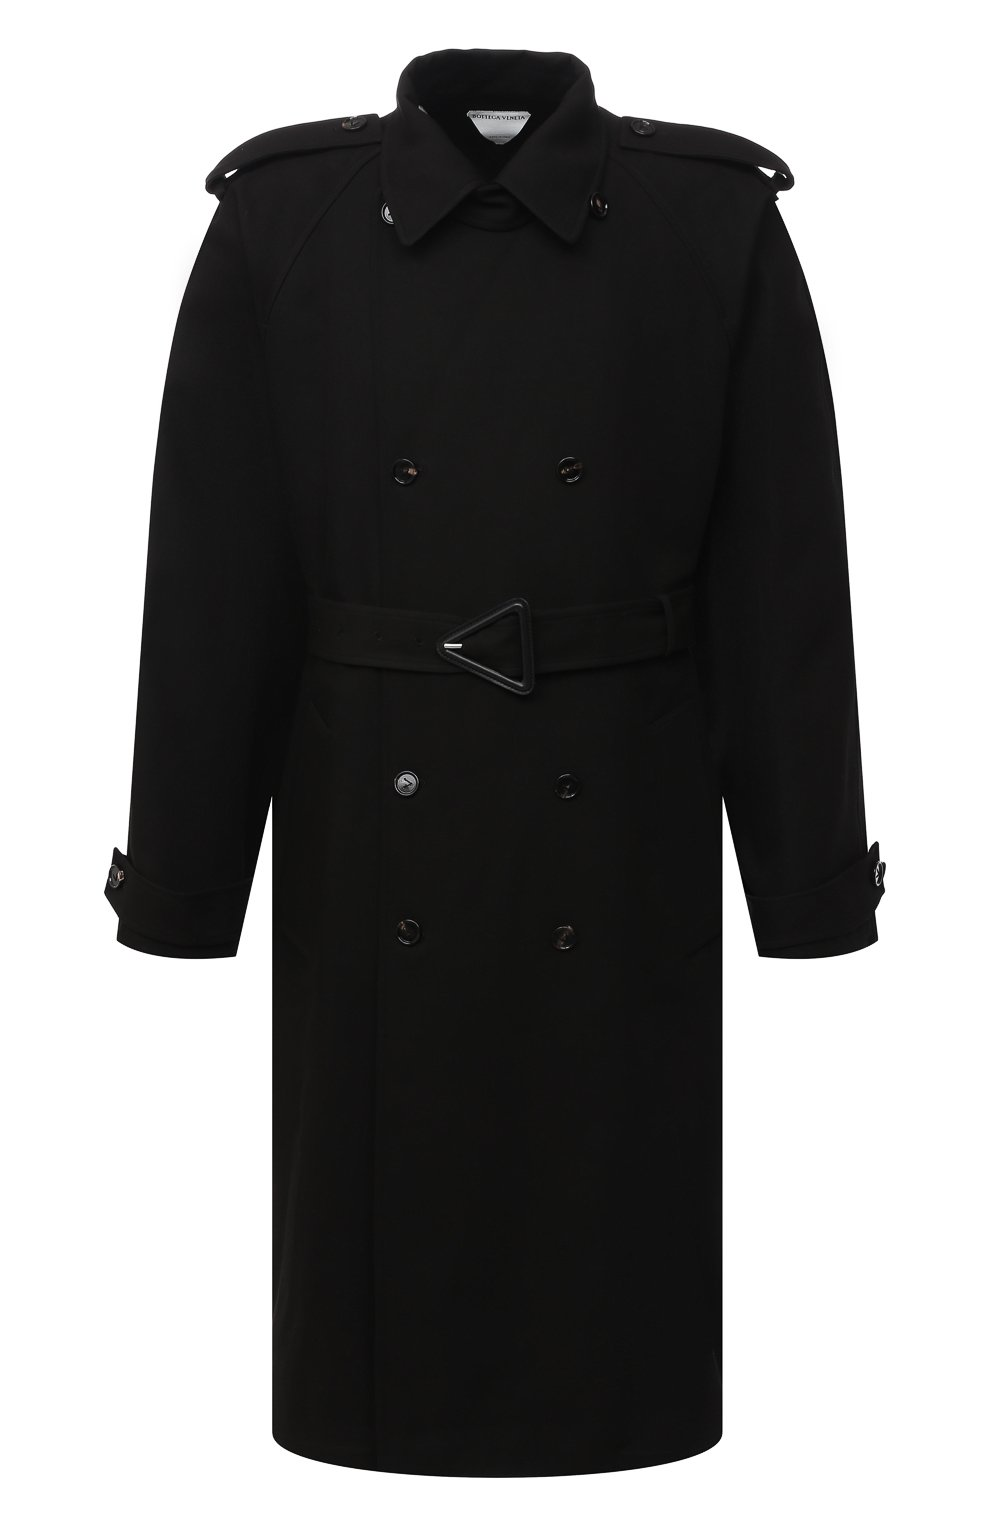 Мужской хлопковый тренч BOTTEGA VENETA черного цвета, арт. 647116/V0010 | Фото 1